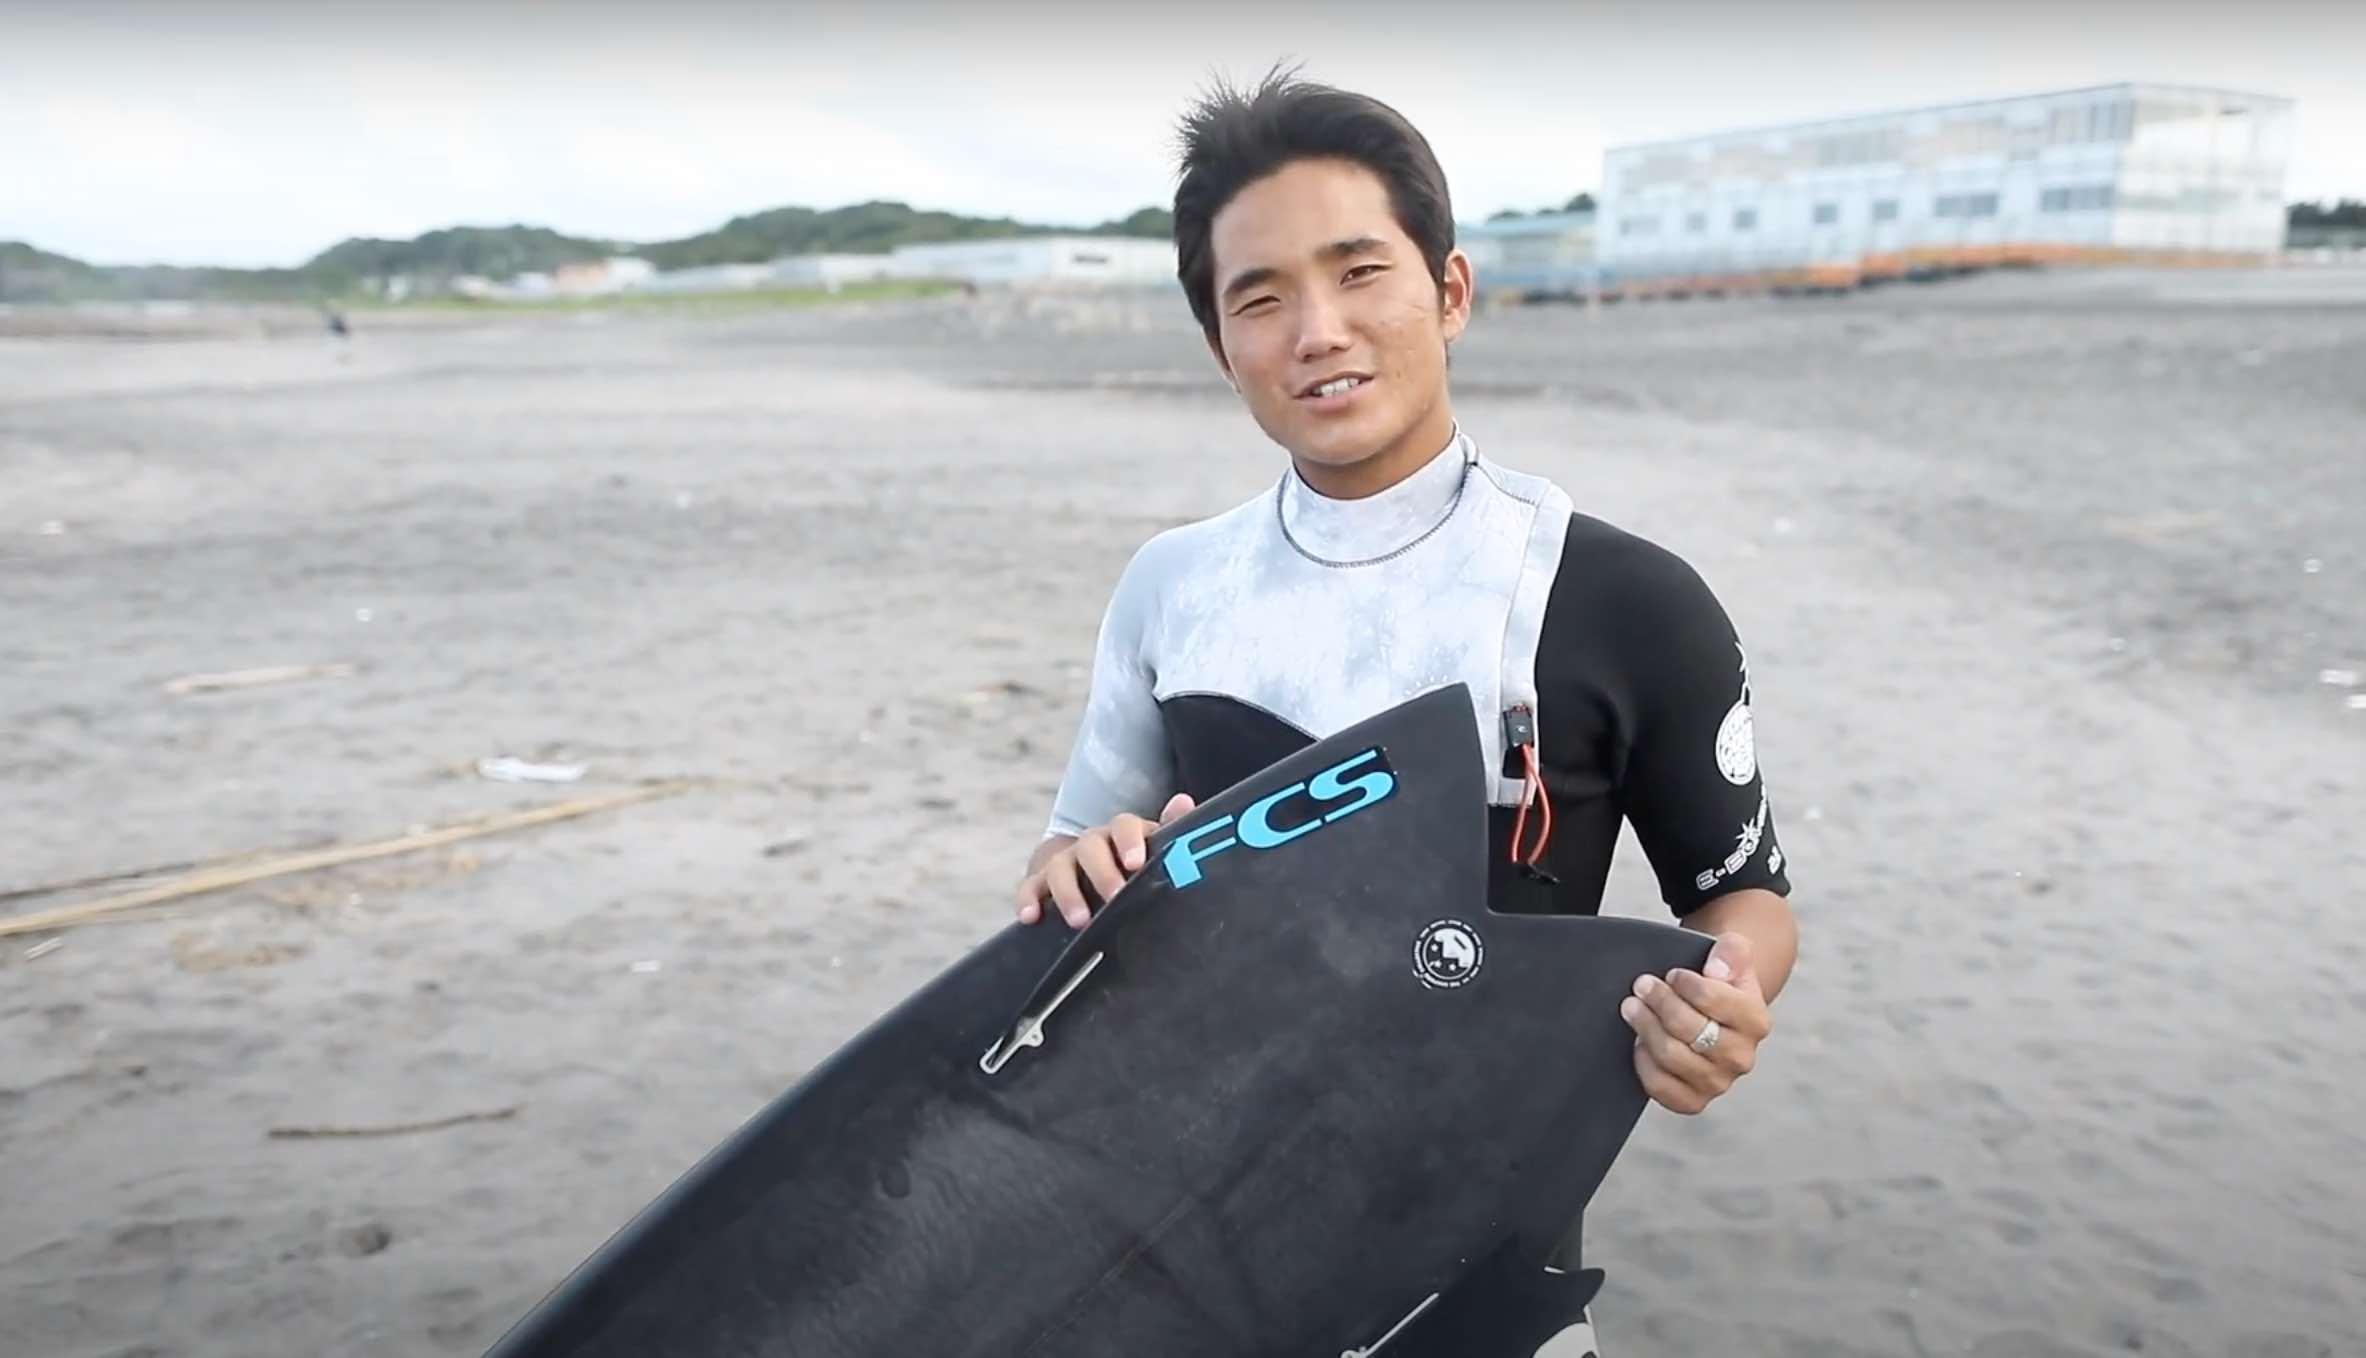 """【オルタナティブ】超話題沸騰中のSUPERbrand surfboardsのツインフィッシュ""""SERIAL KEELER""""モデルを村田嵐がテストライド&インプレッション"""